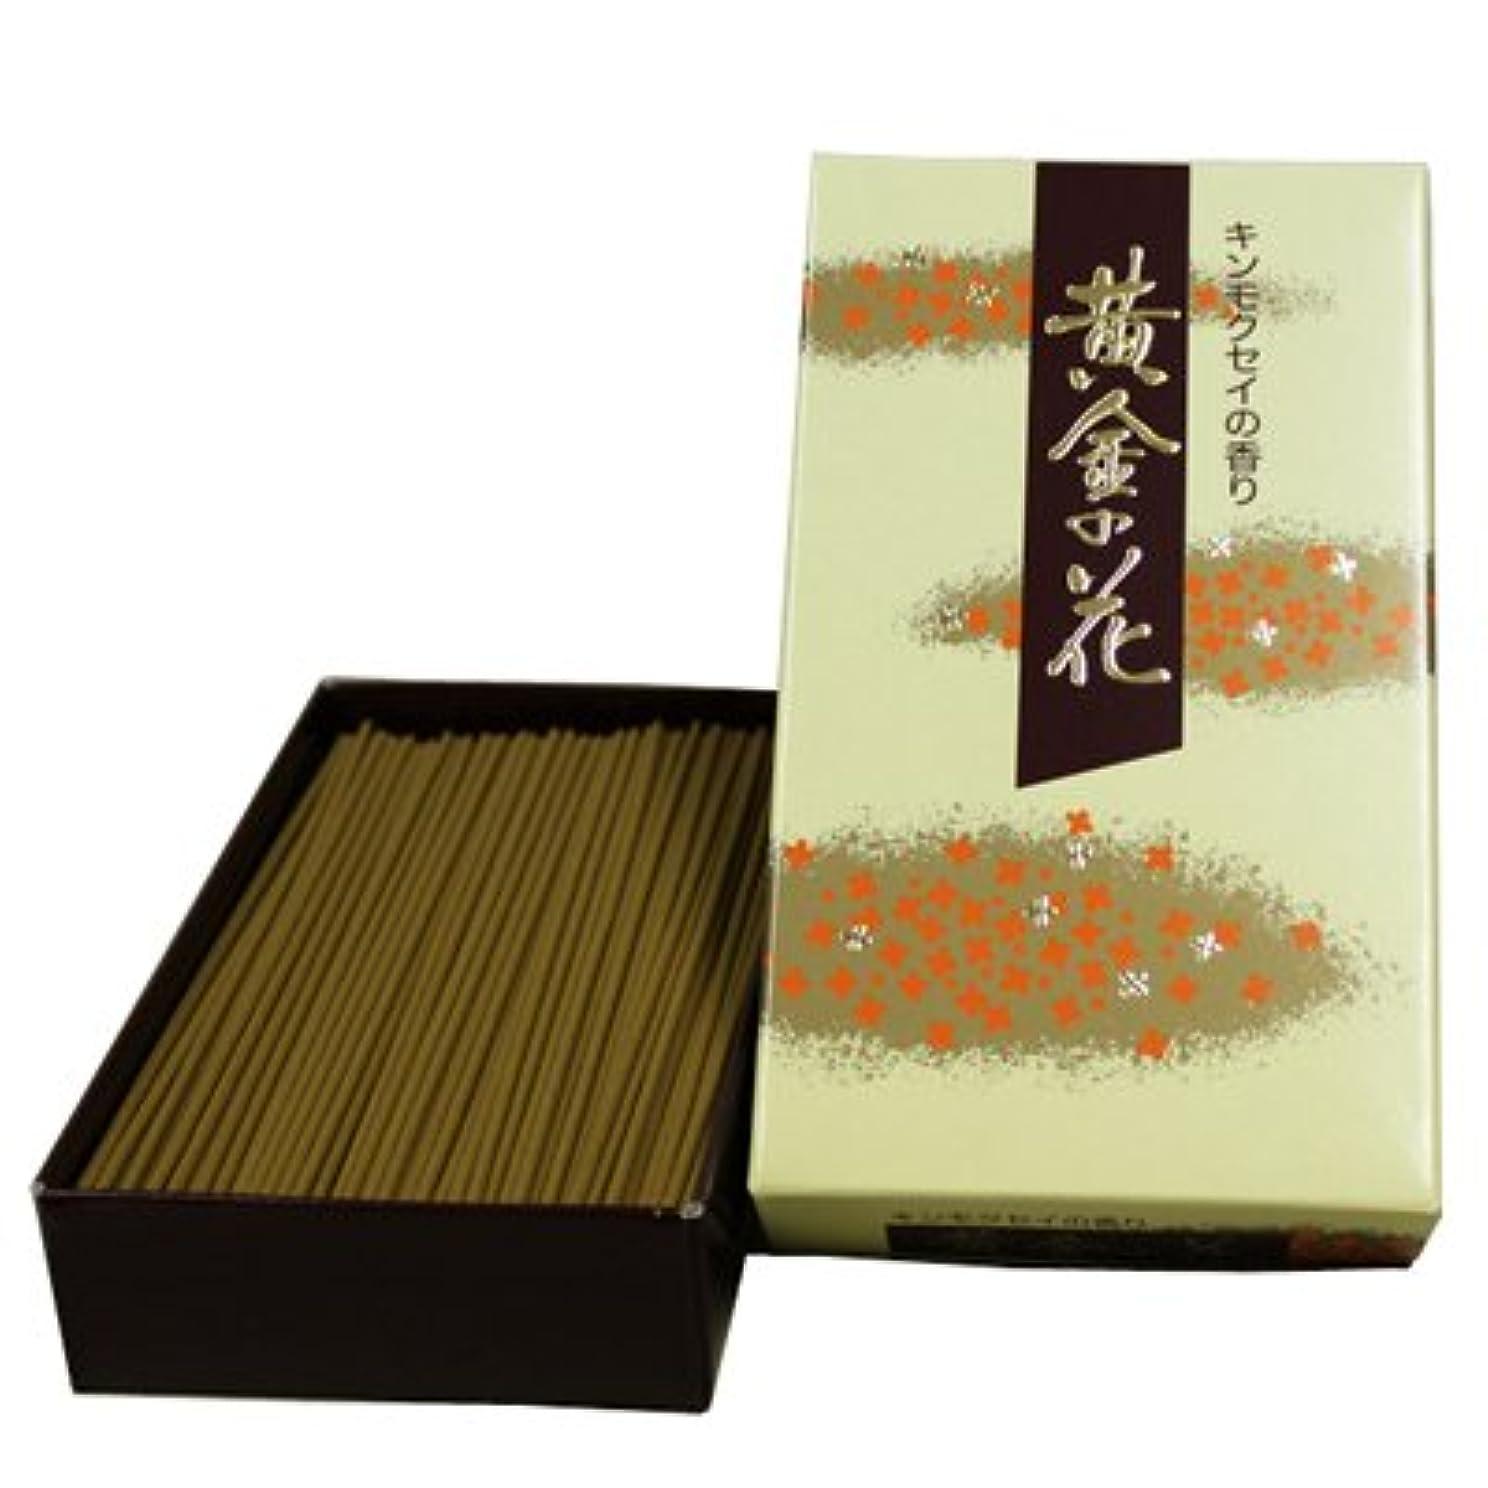 レベル品付添人黄金の花 キンモクセイのお線香